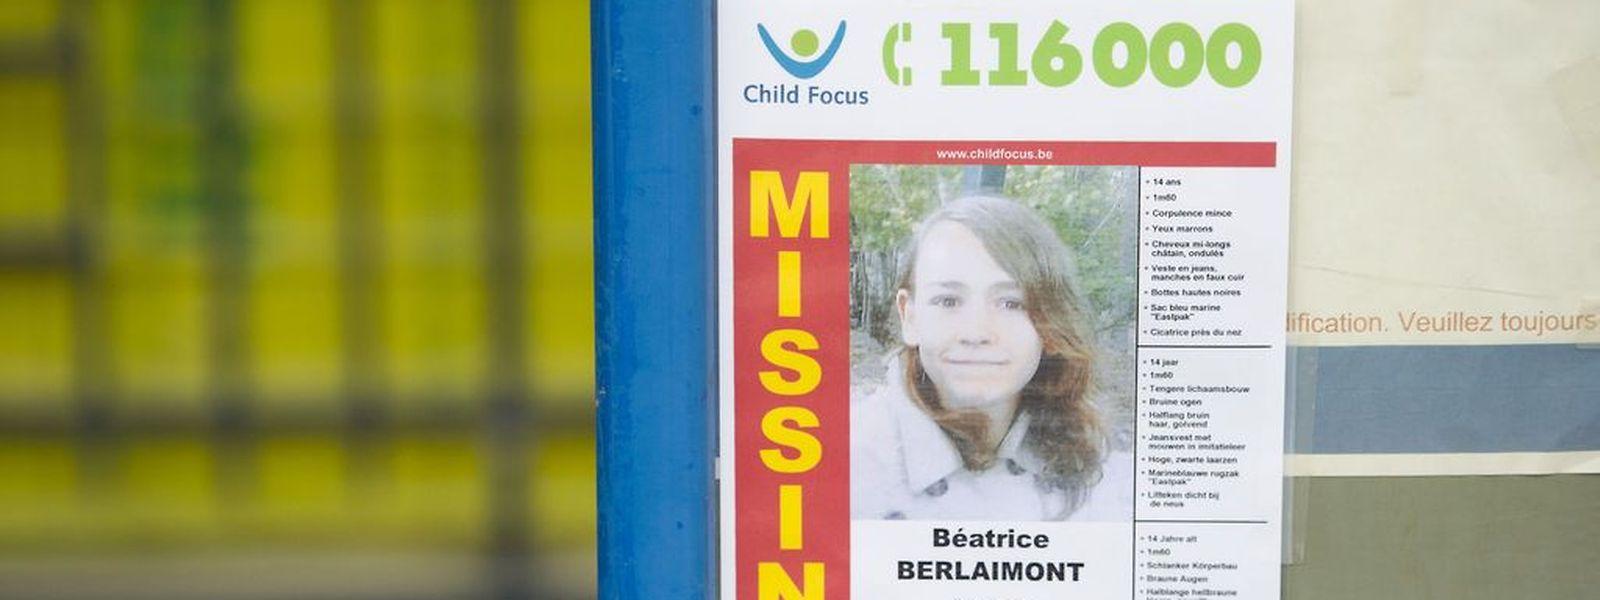 Ein 26 Jaher alter Einwohner aus Arlon soll für den Tod von Beatrice Berlaimont verantwortlich sein. Der Mann bestreitet die Tat.